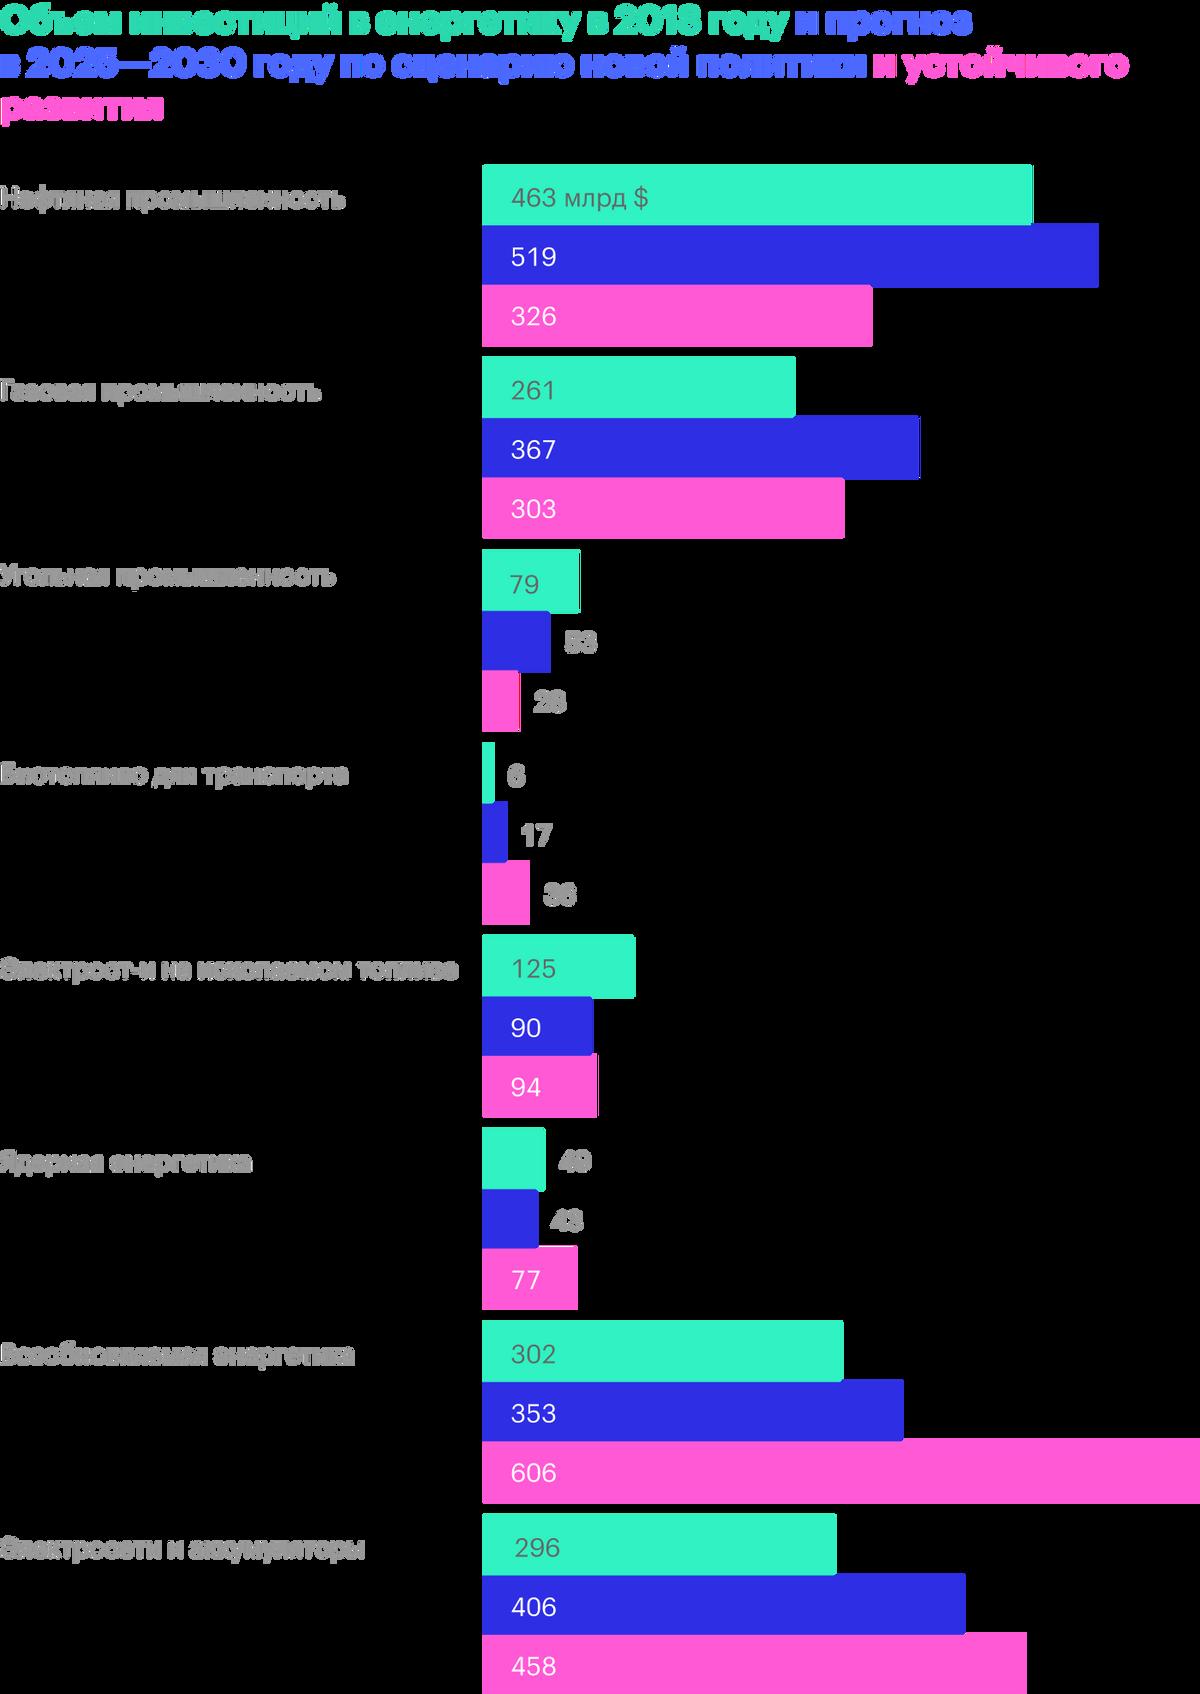 Если все пойдет по сценарию устойчивого развития в соответствии с Парижским соглашением, инвестиции в ВИЭ будут внушительными. Источник: МЭА